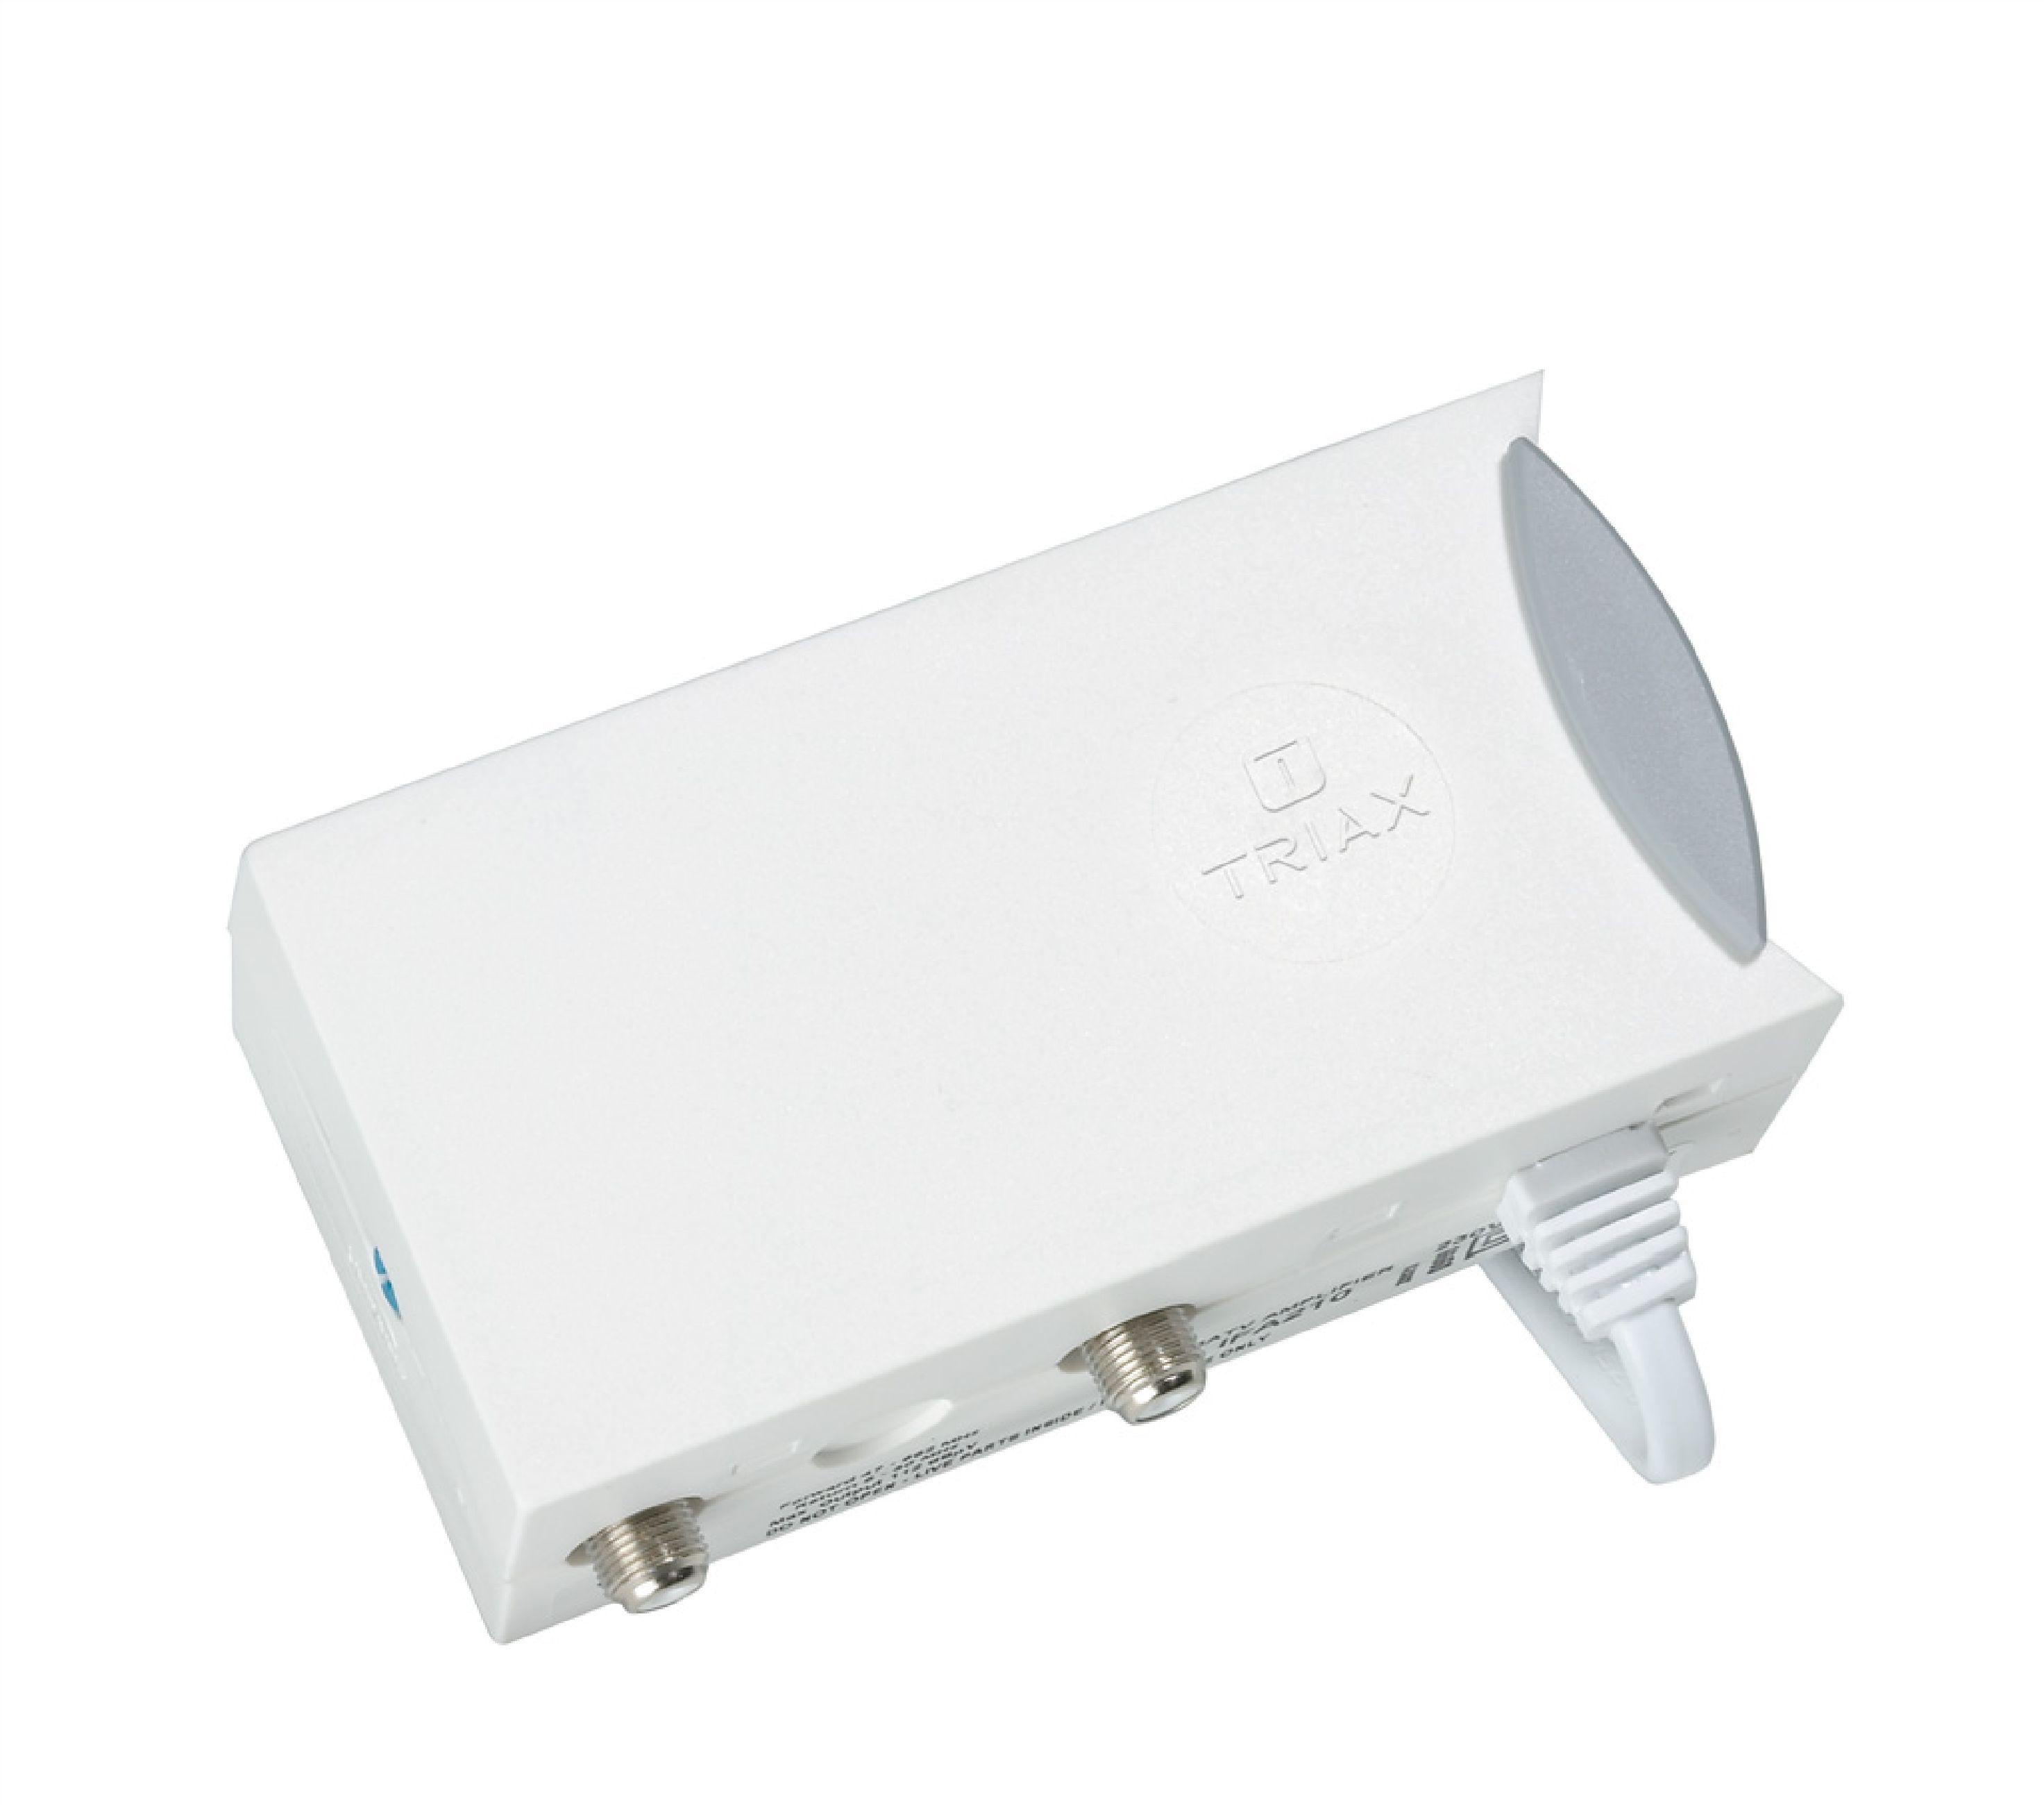 Billede af VHF/UHF Forstærker 17 dB